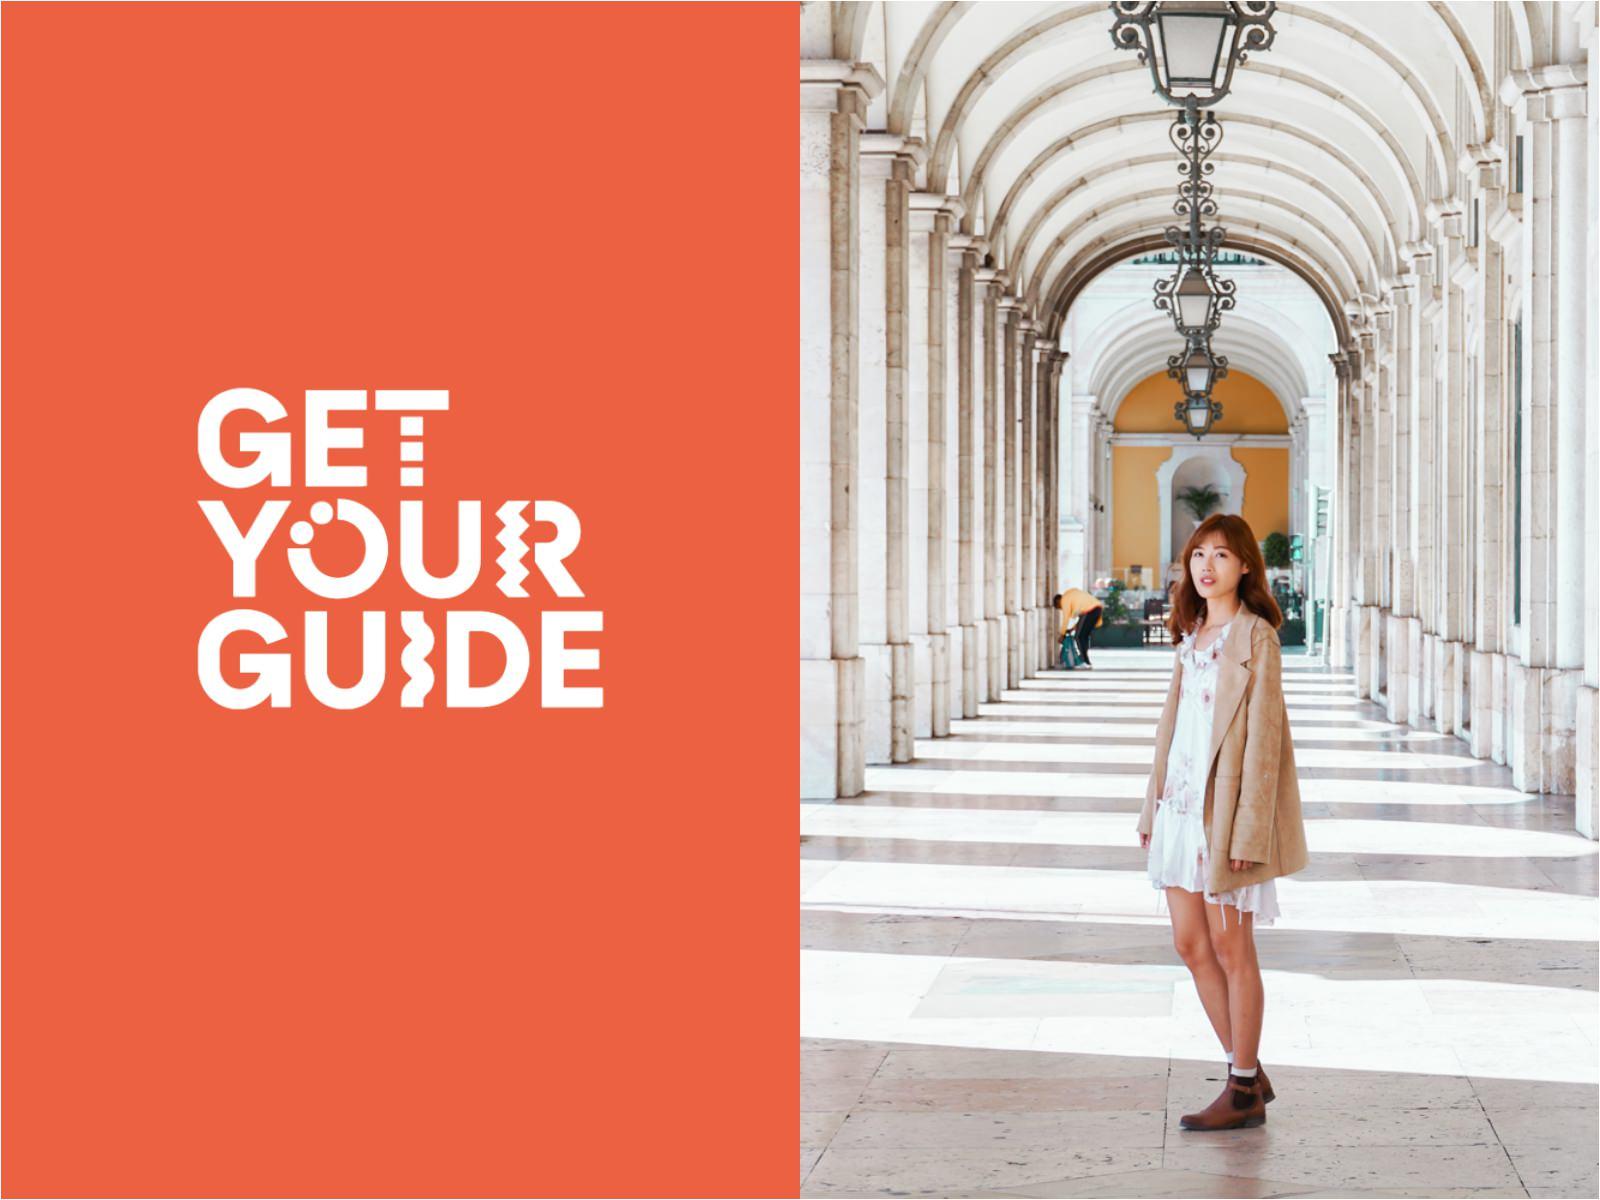 GetYourGuide 自由行票券行程平台 中文網站使用方法 優惠折扣碼分享